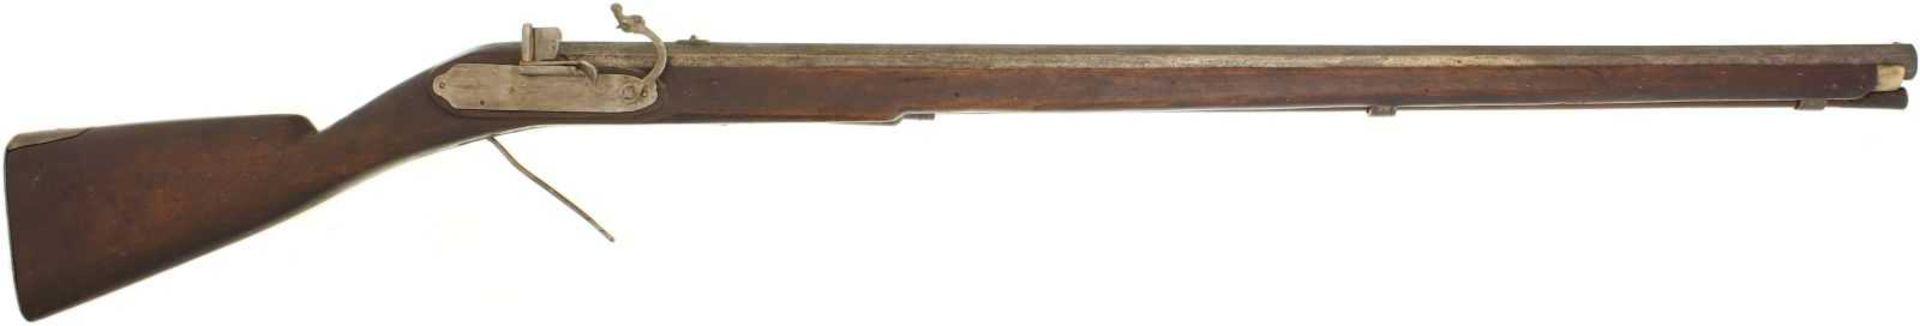 Luntenschlossbüchse, 1621, Kal. 20mm LL 1060mm, TL 1460mm, gezogener Achtkantlauf, datiert 1621.